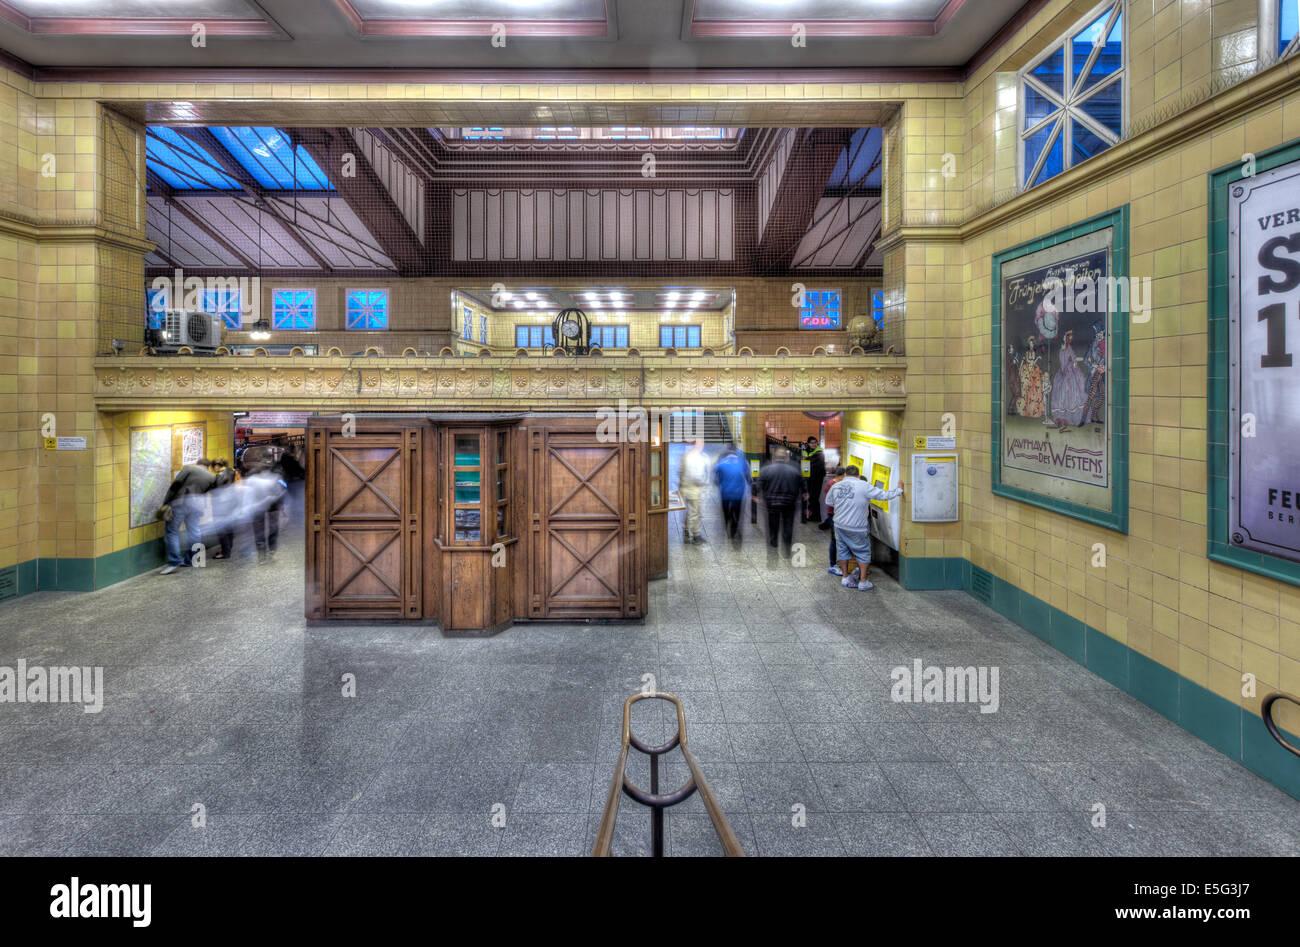 Im Inneren der erstaunlich, historische Wittenbergplatz U-Bahn in West-Berlin. Stockbild